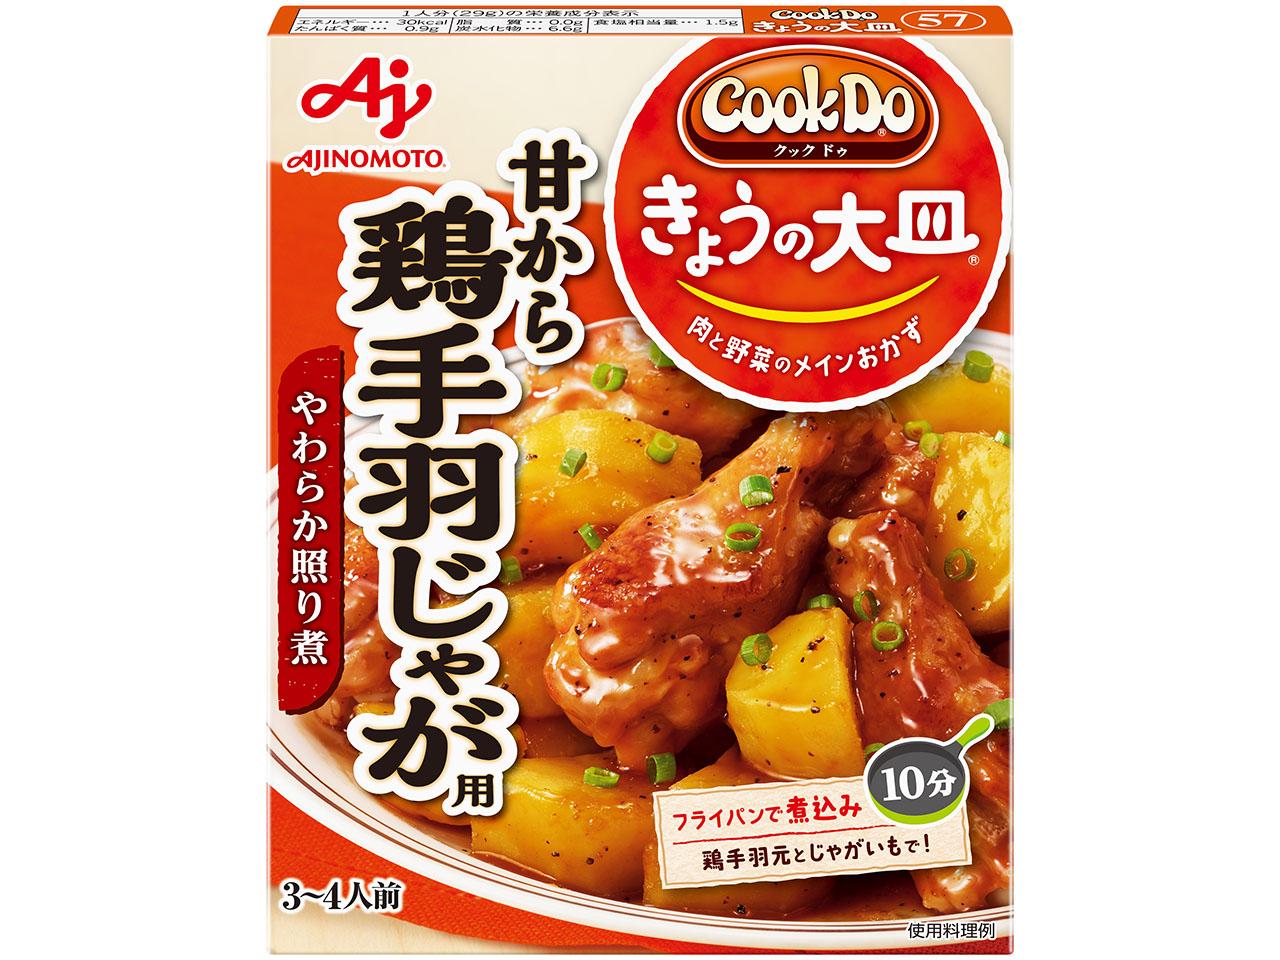 「Cook Doきょうの大皿」鶏手羽じゃが用